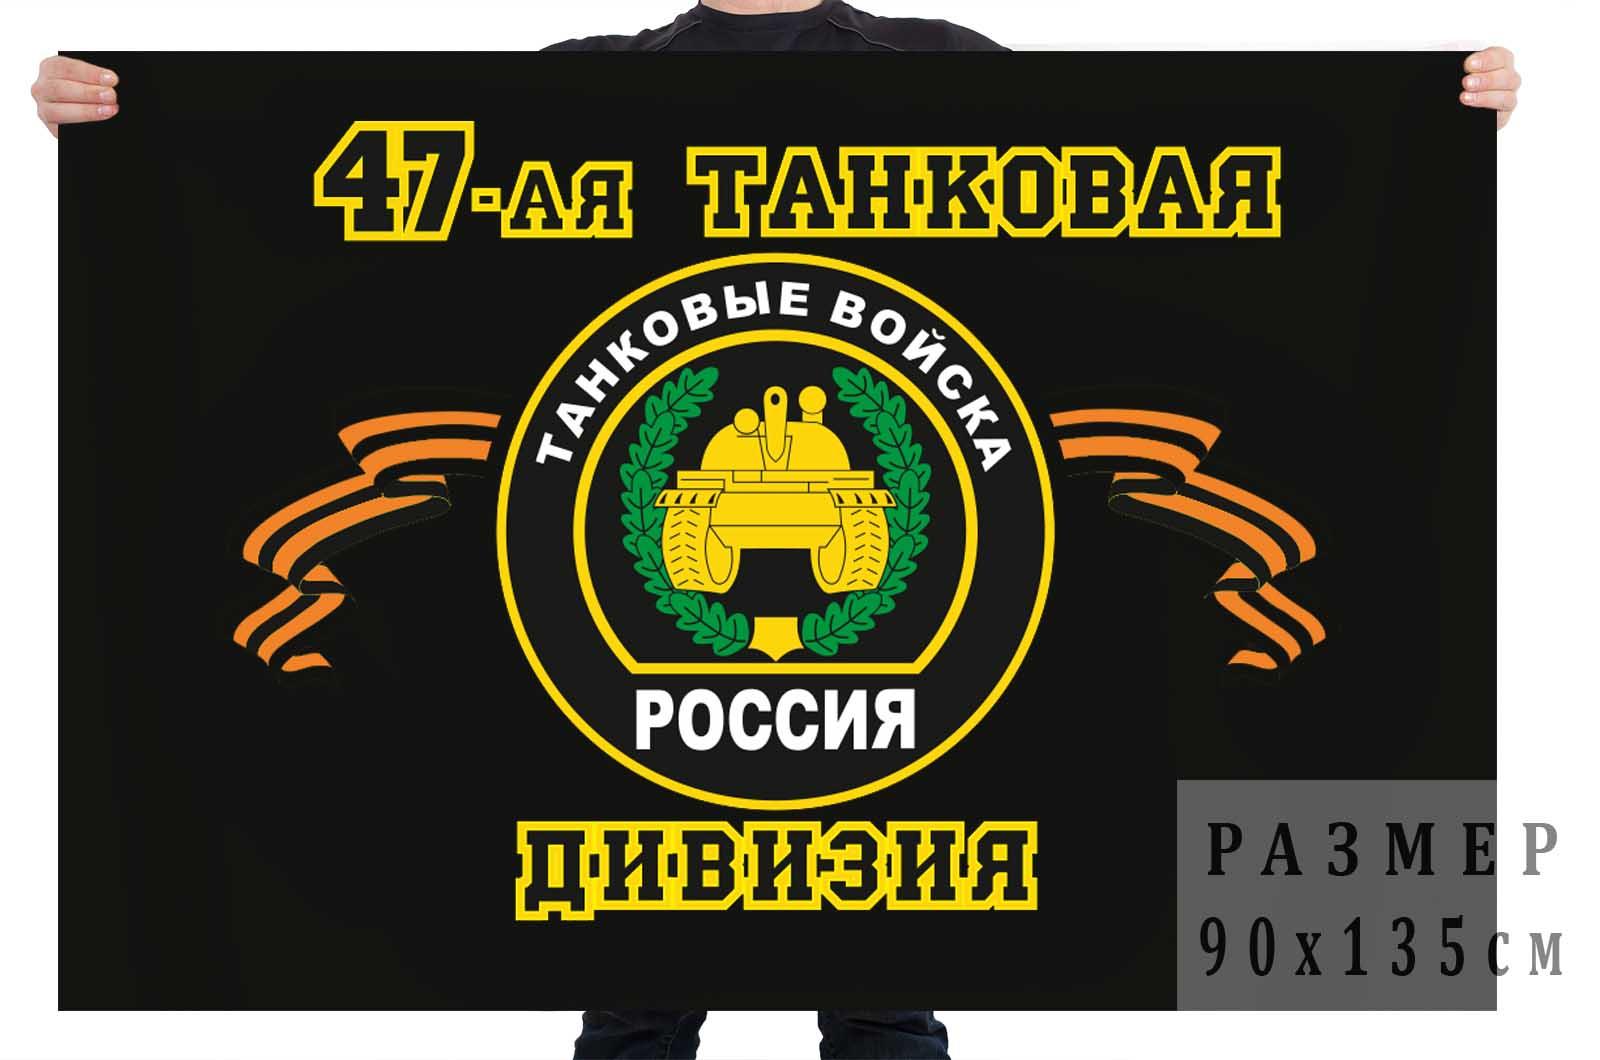 Флаг 47-я танковая дивизия